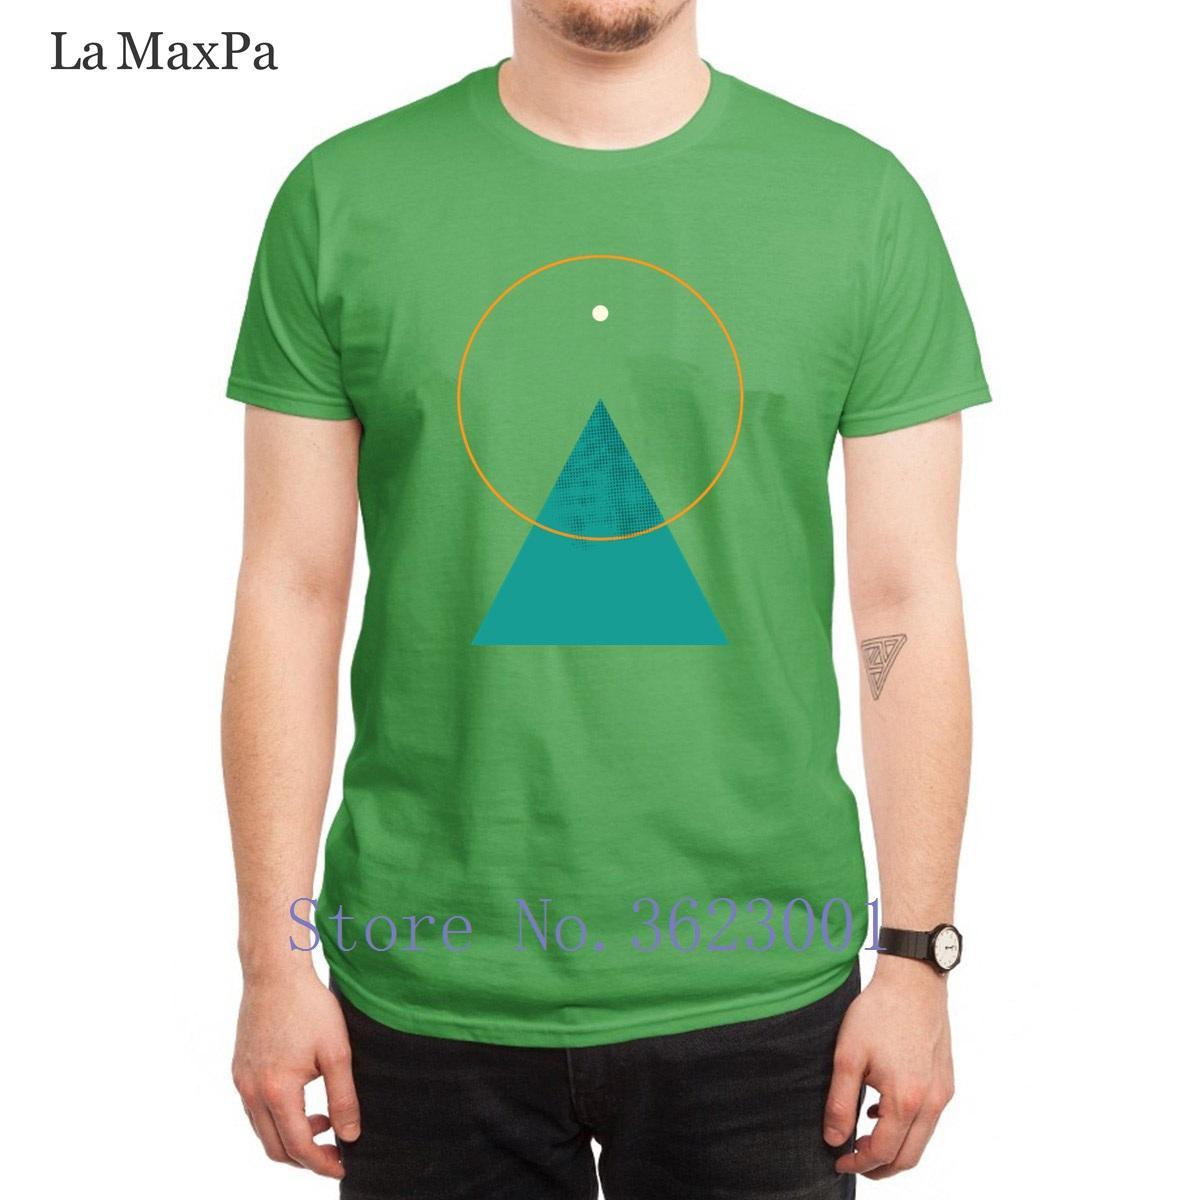 Personalisierte Normale T-Shirt Berg und Sun Men'ss T Shirt Tailliertes Herr T-Shirt Neueste Euro-Größe S-3XL Hiphop Top